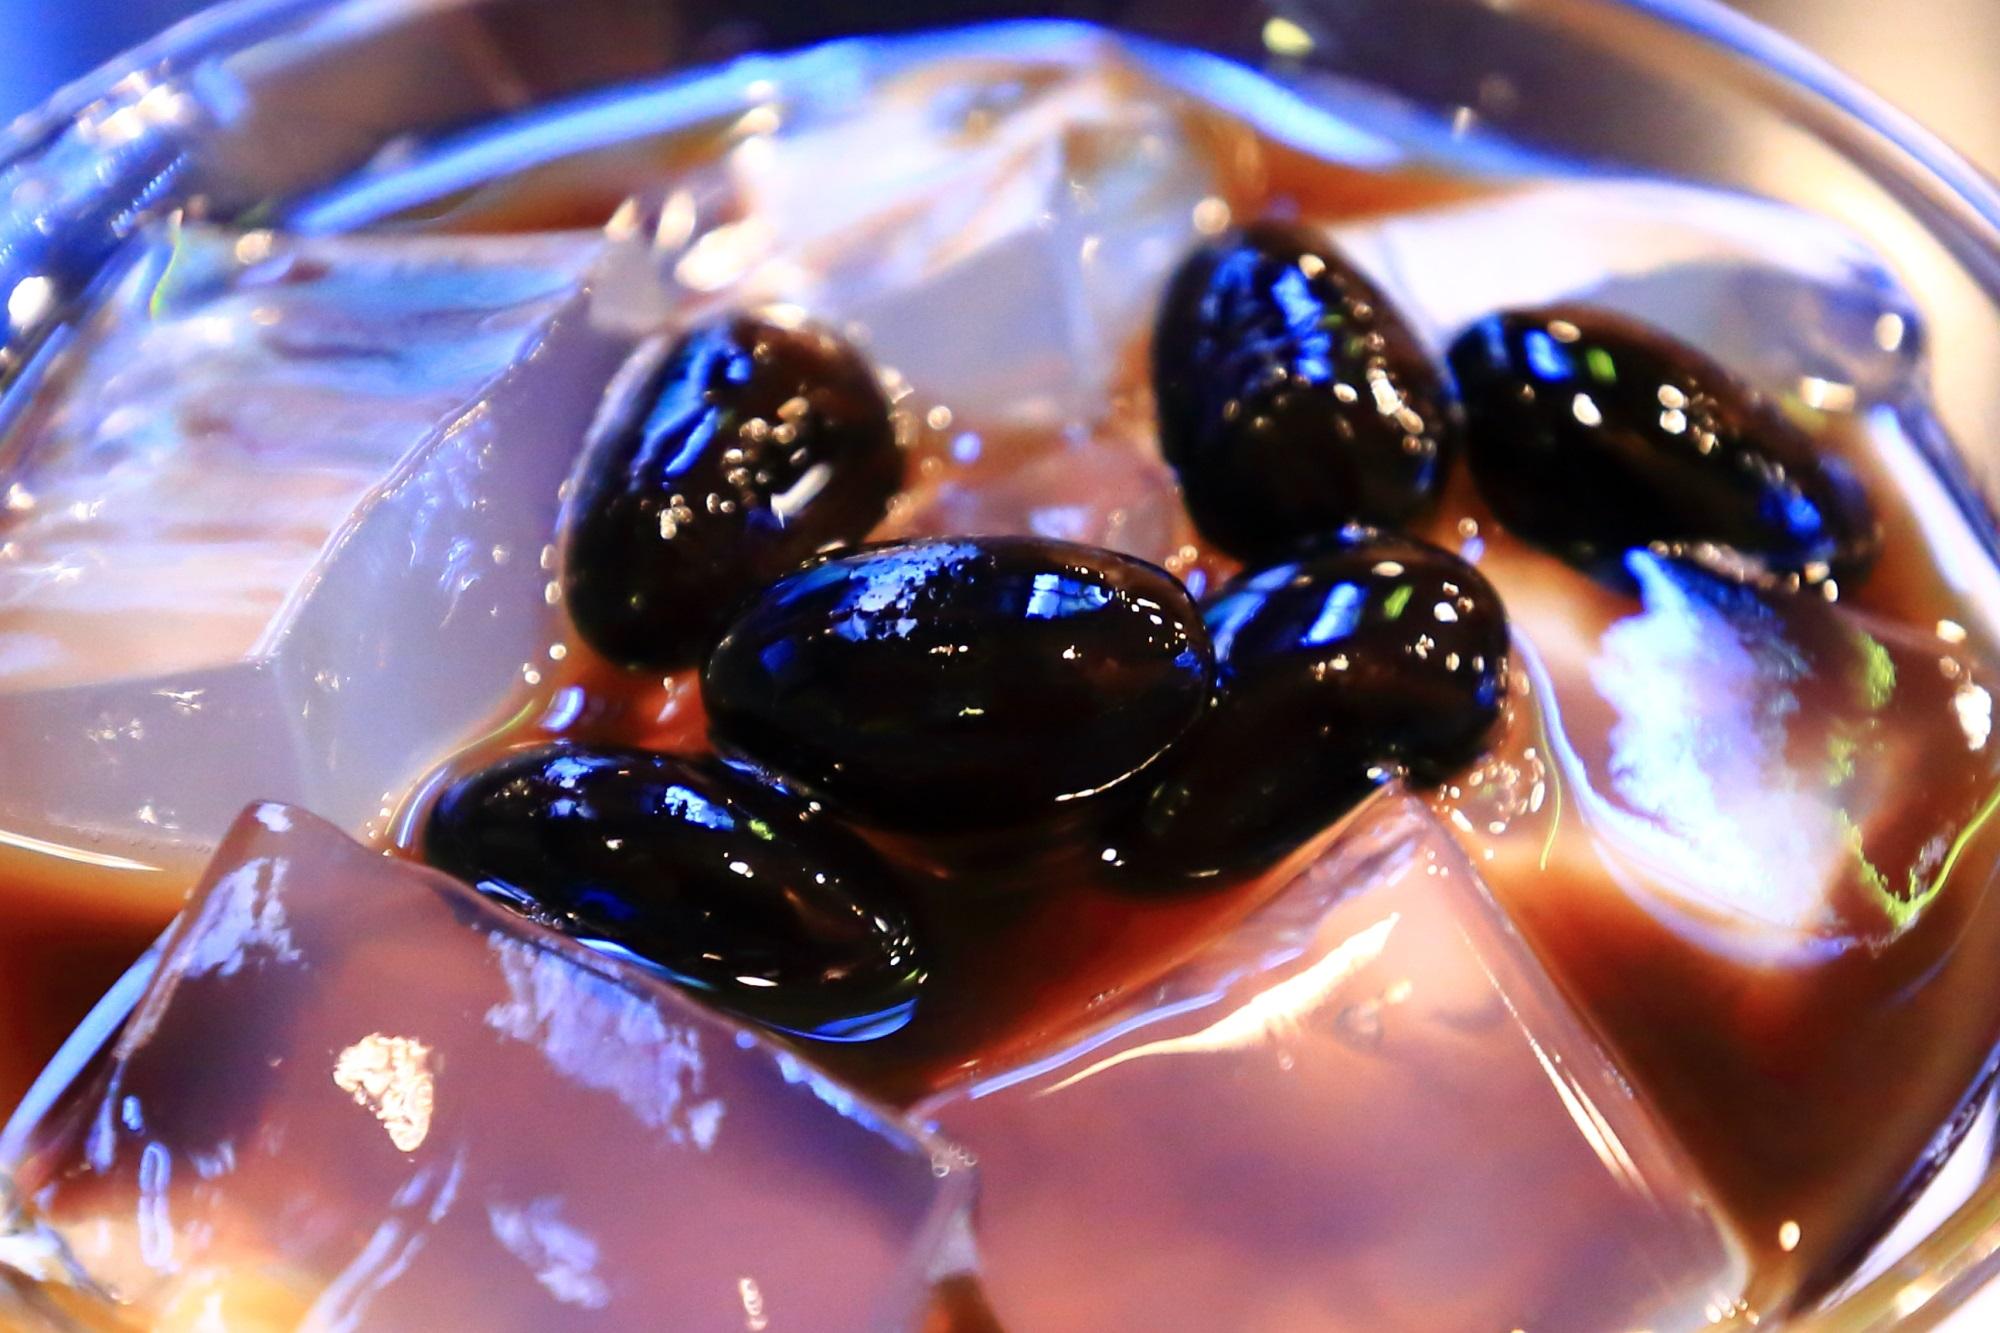 旨味とコクの詰まった美味しい黒豆とプルプルの寒天が入った12月の琥珀流し